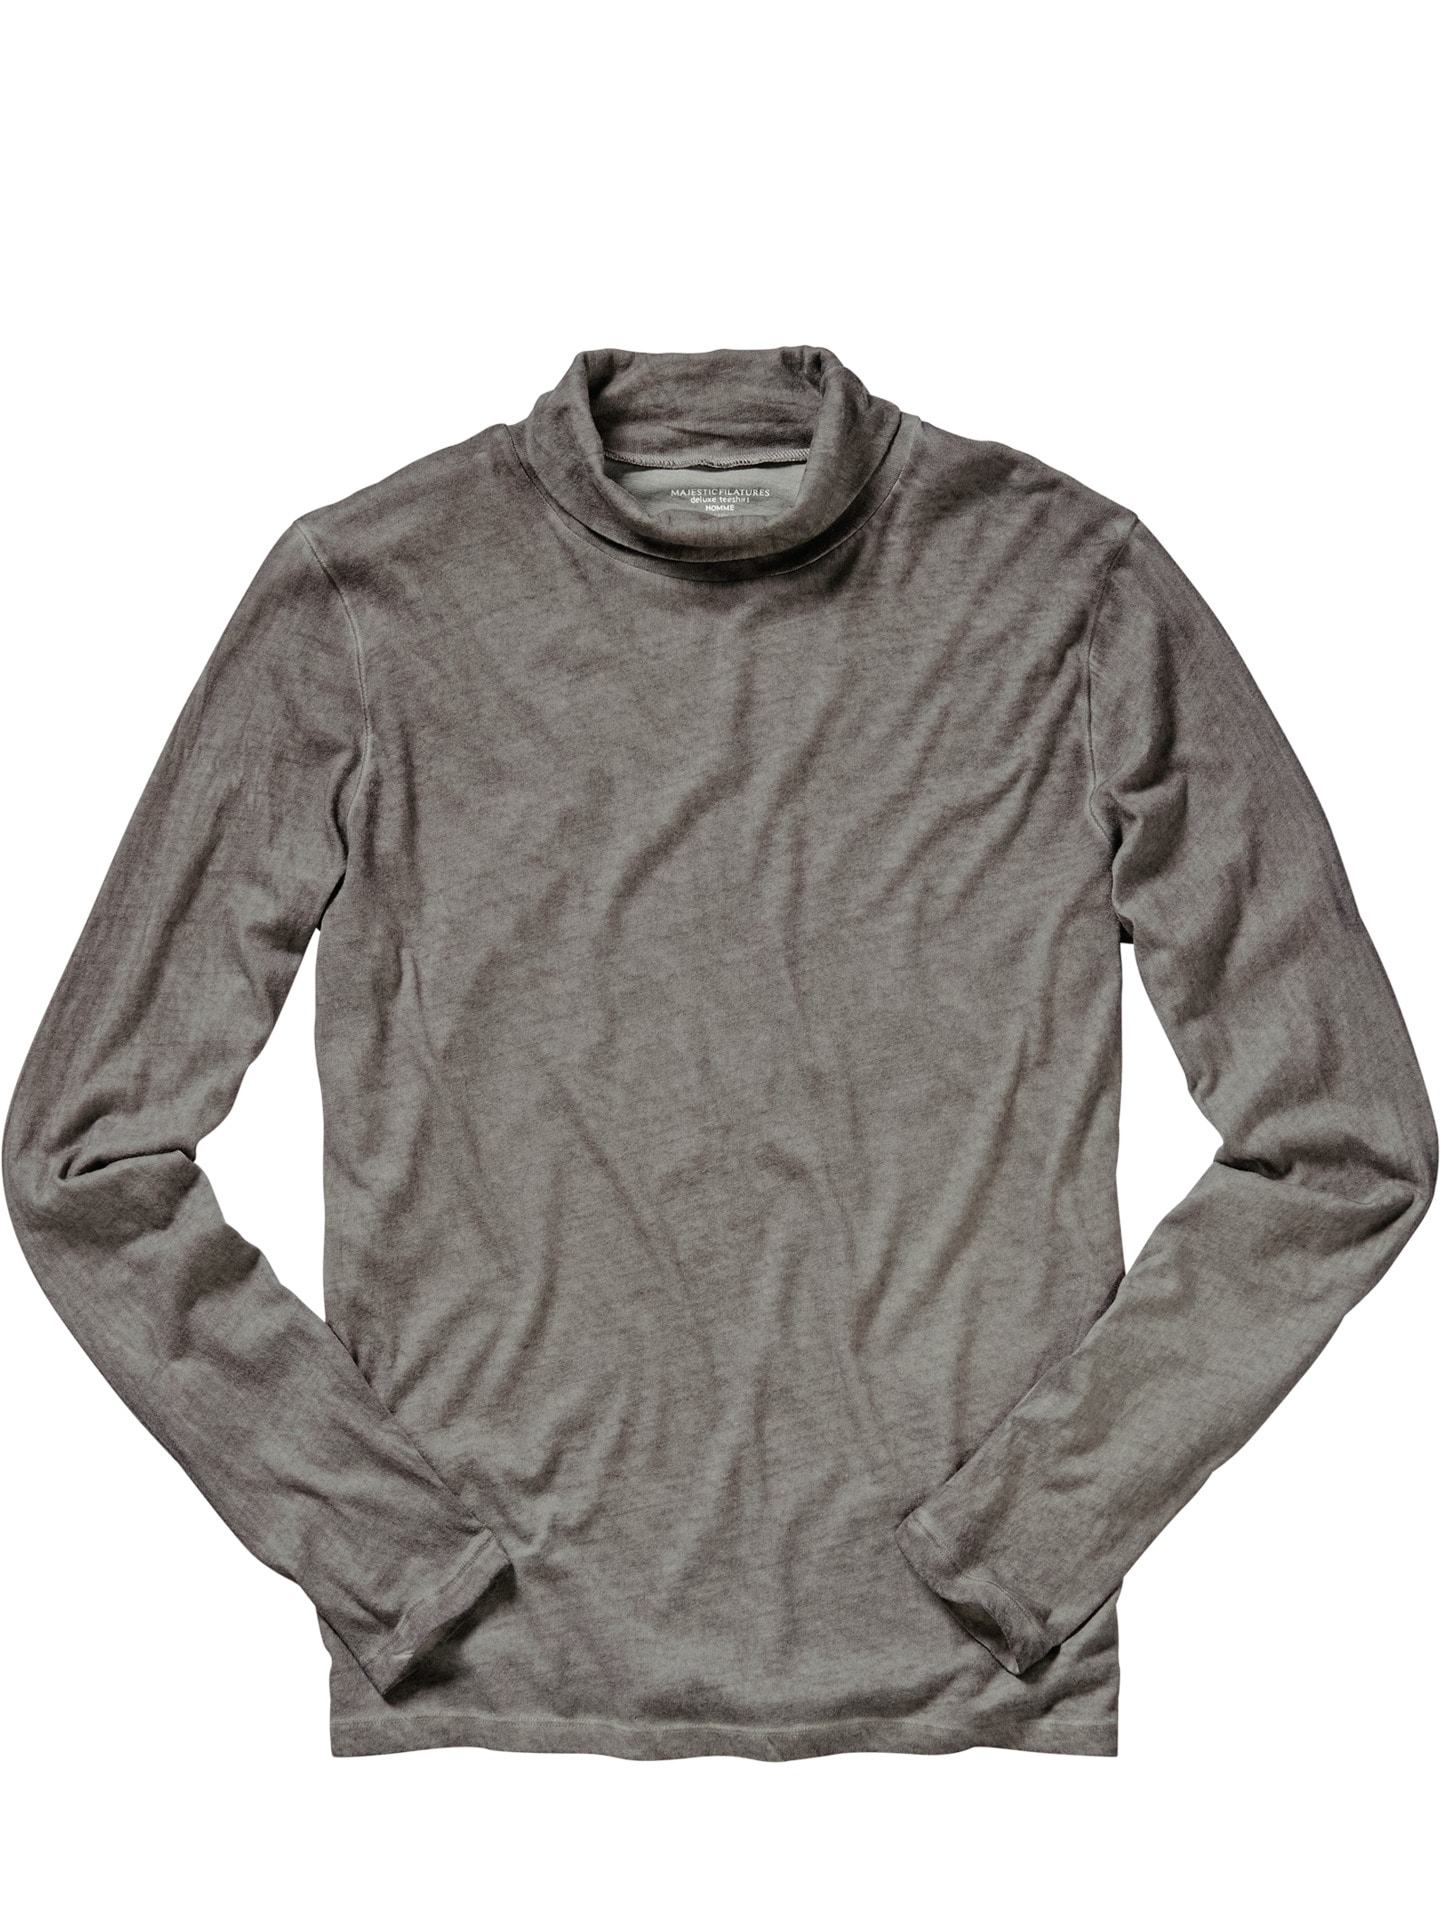 majestic tee rollkragen shirt jetzt online kaufen mey edlich. Black Bedroom Furniture Sets. Home Design Ideas